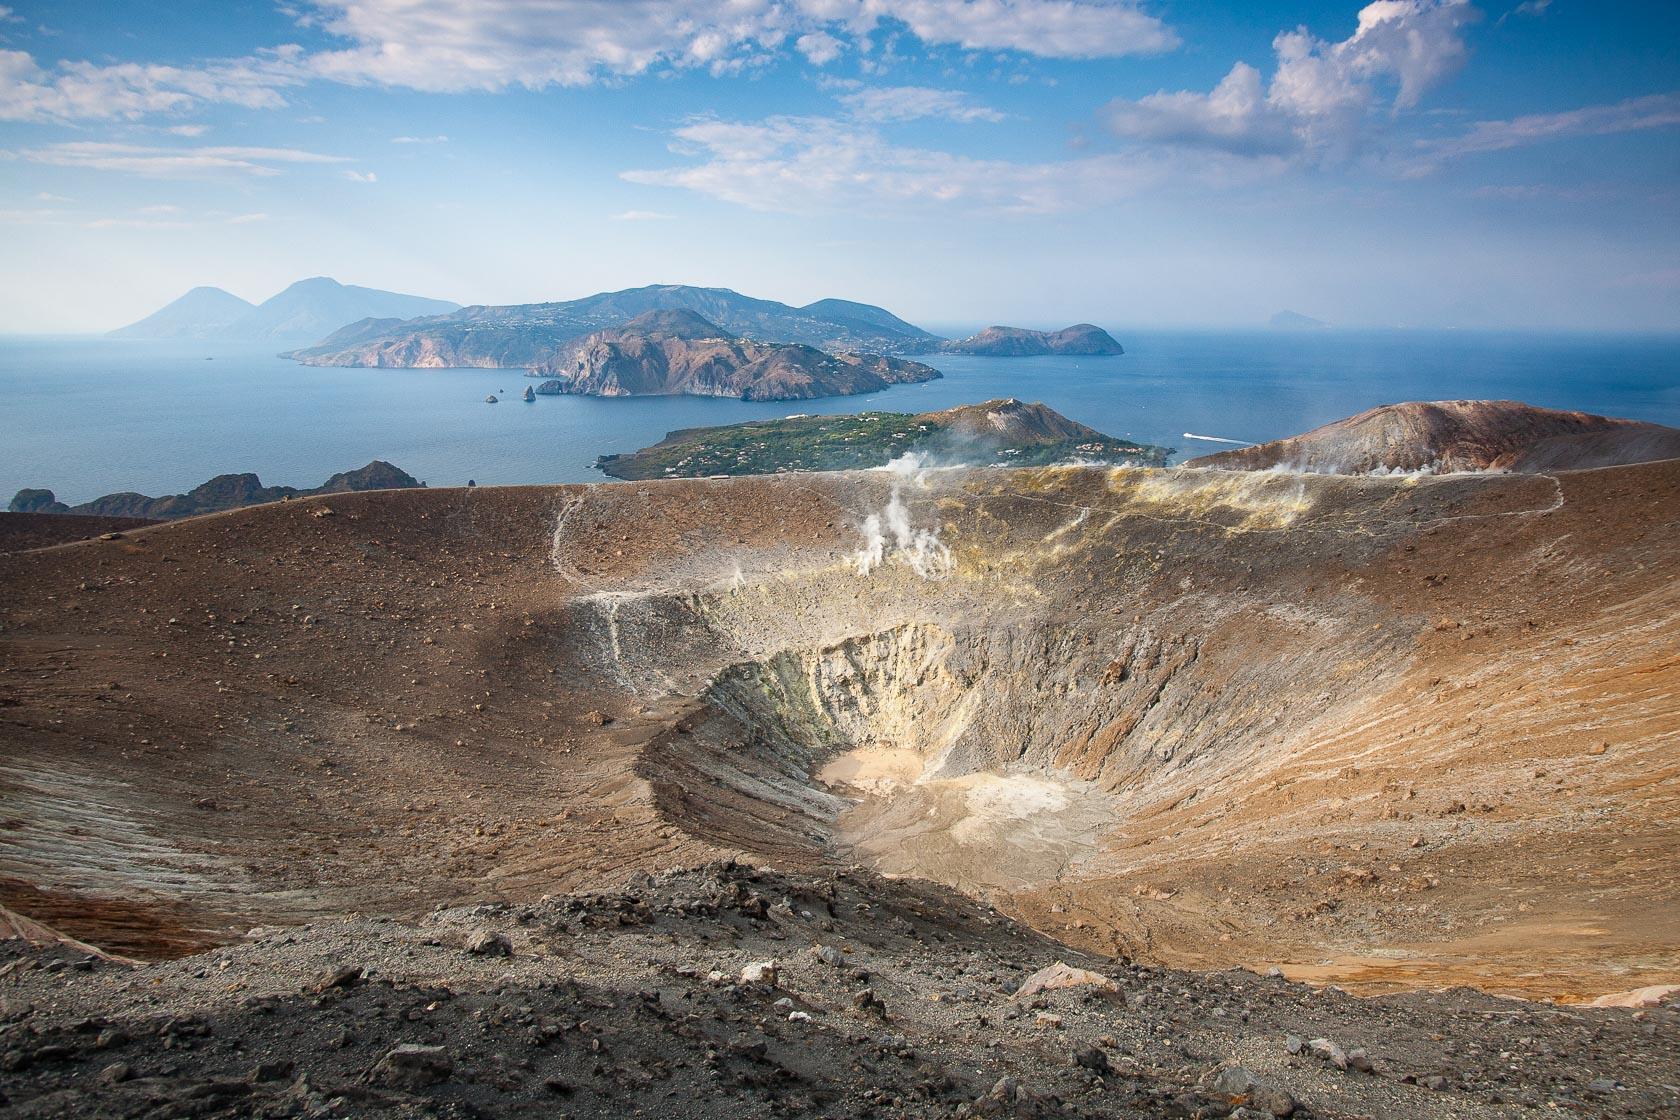 Cratère du volcan Vulcano dans les îles éoliennes